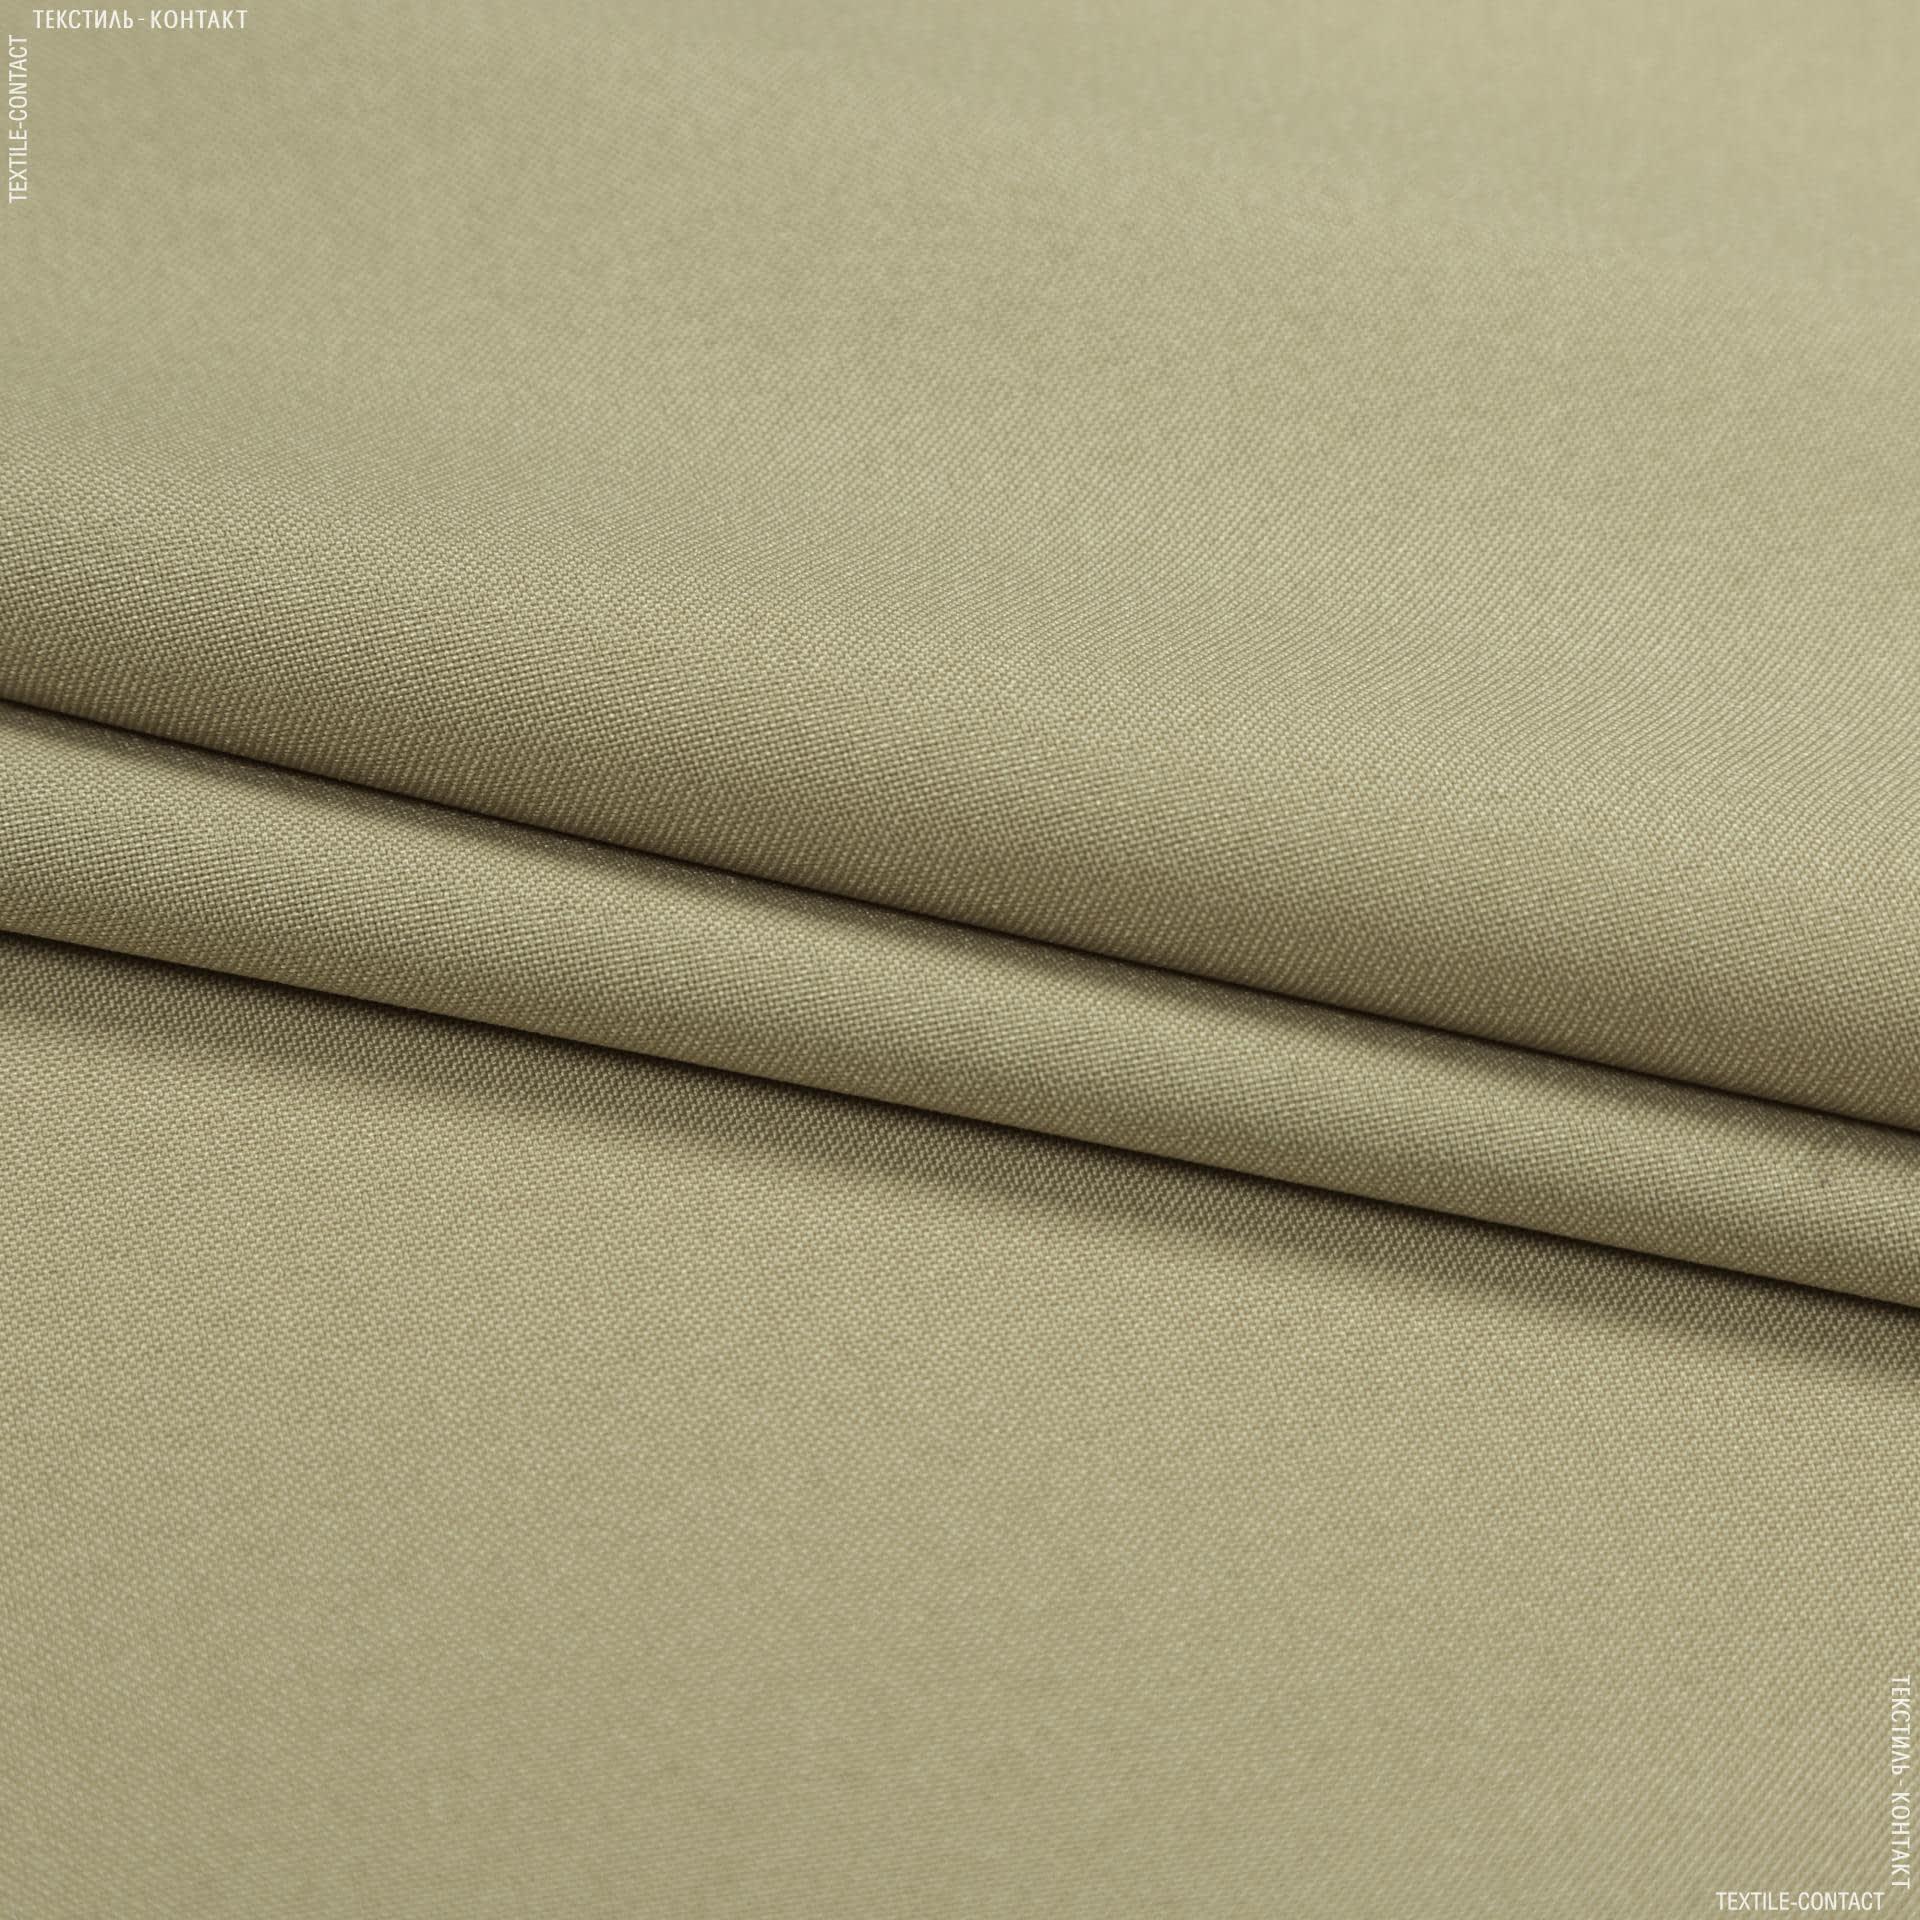 Тканини для штанів - Габардин бежевий